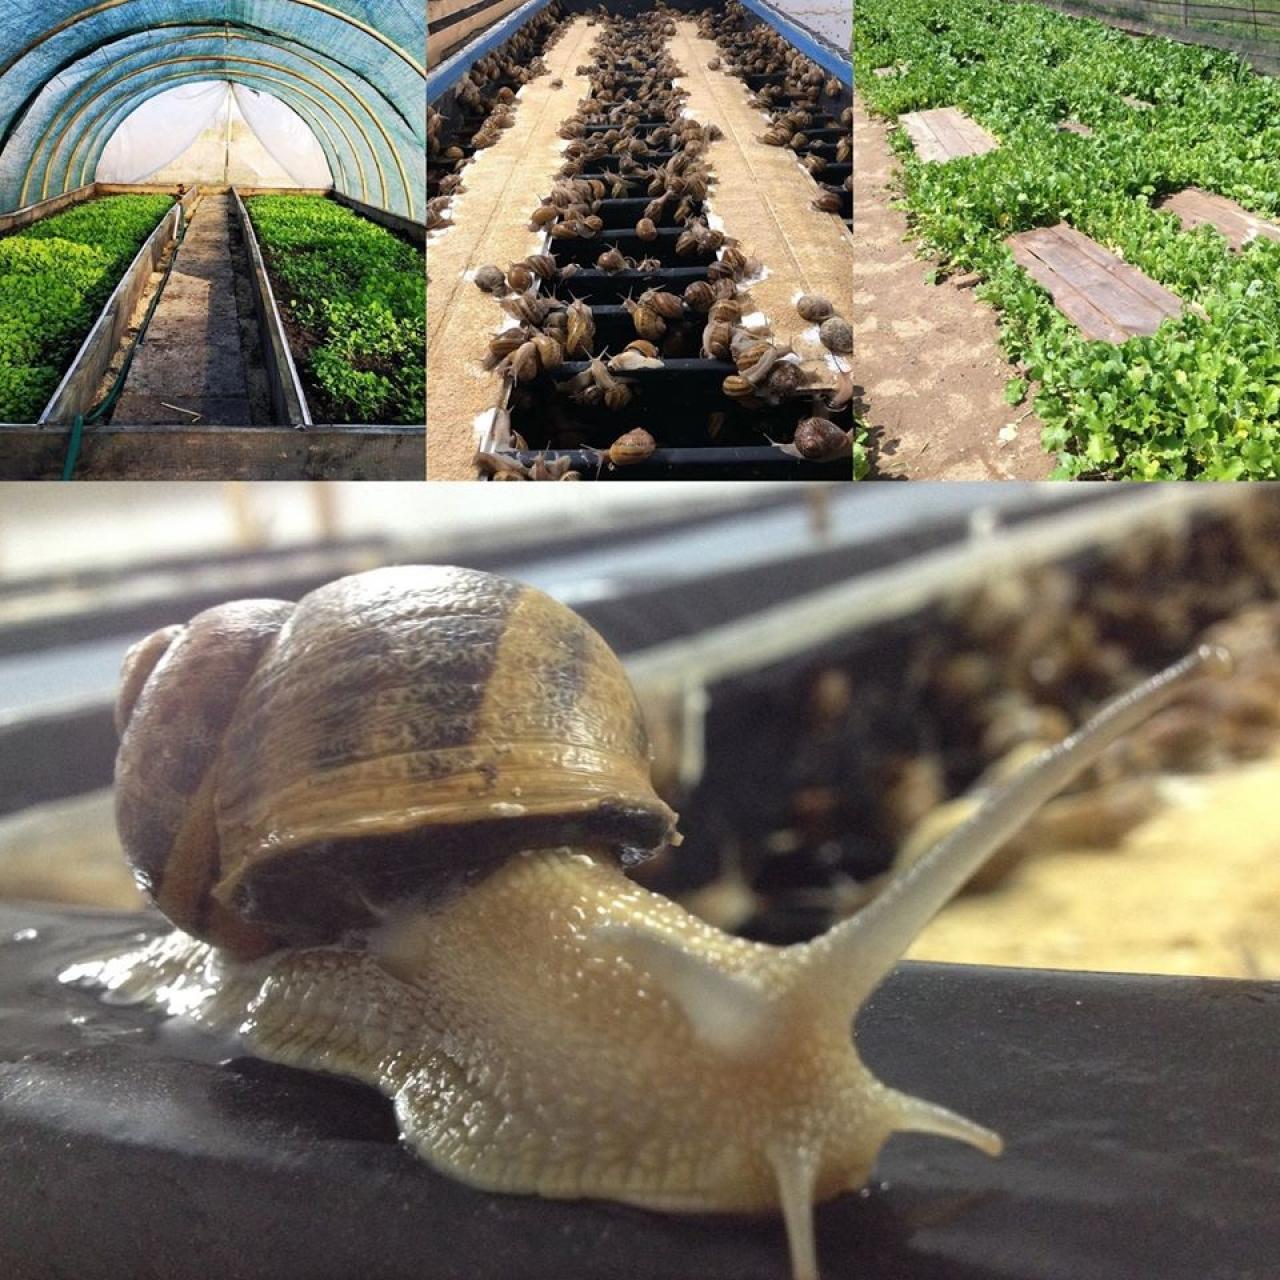 Zdjęcie główne #227 - Hodowcy ślimaków mogą sięgnąć po środki unijne